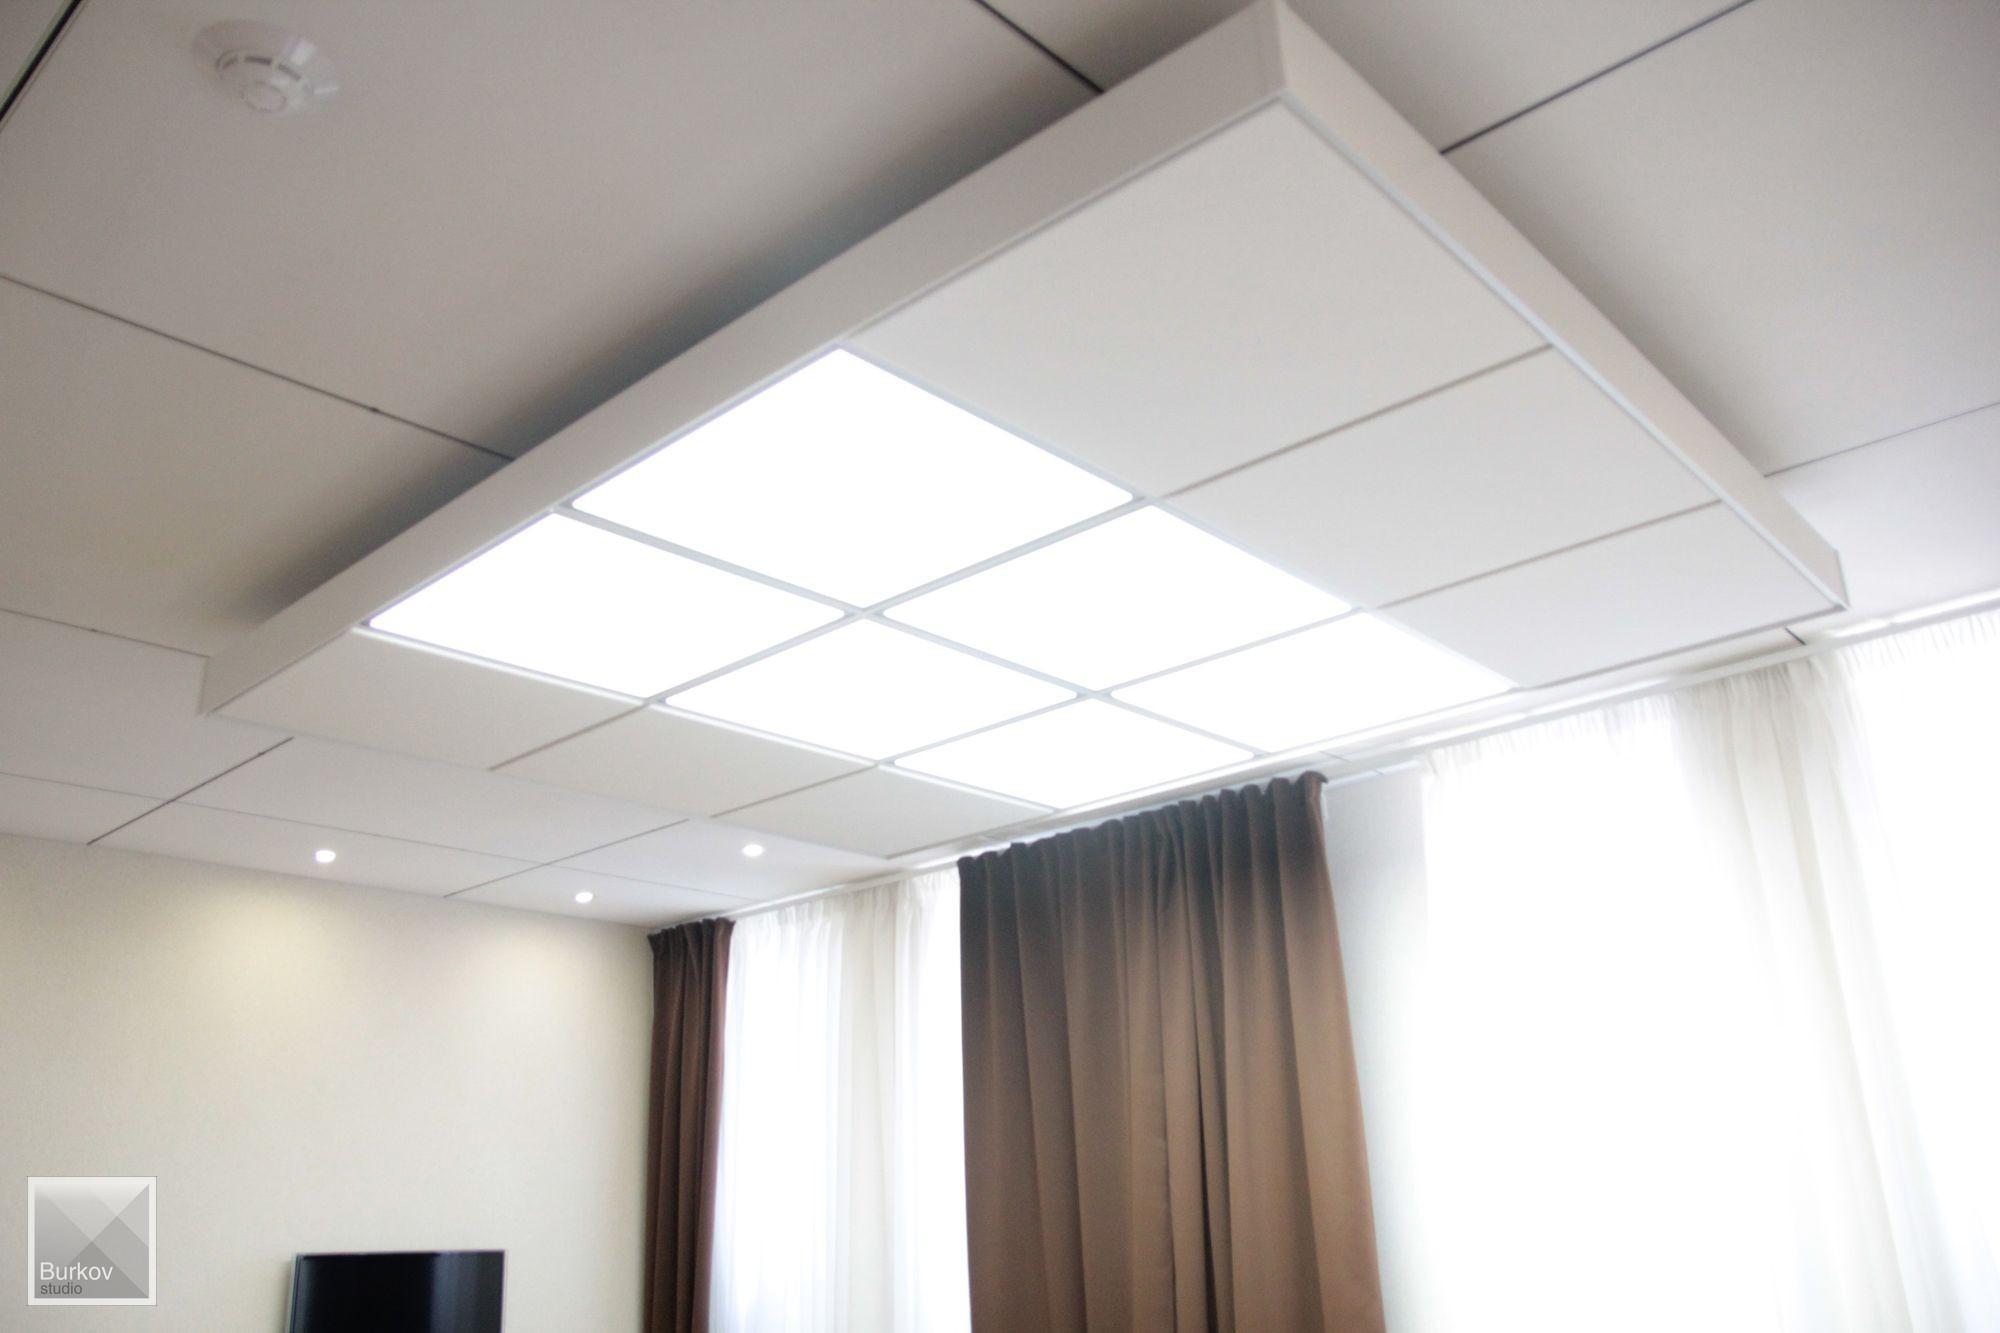 фото подвесного потолка по дизайн-проекту